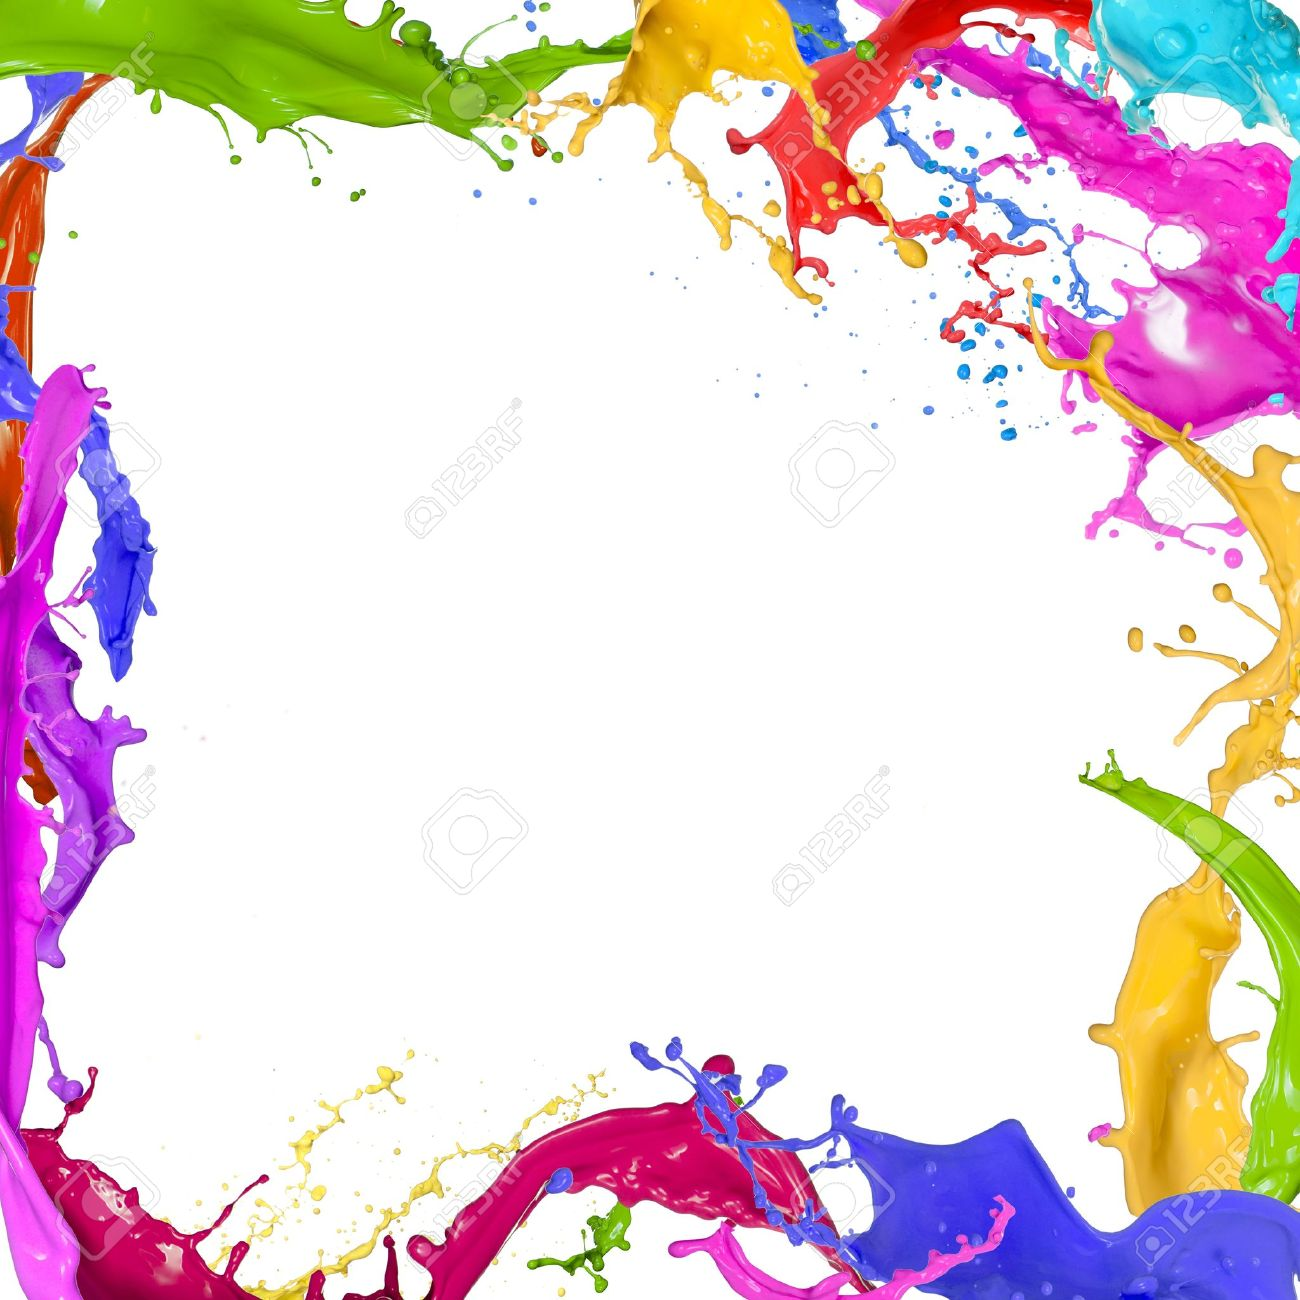 Colorful paint splashing on white background Stock Photo - 21157783